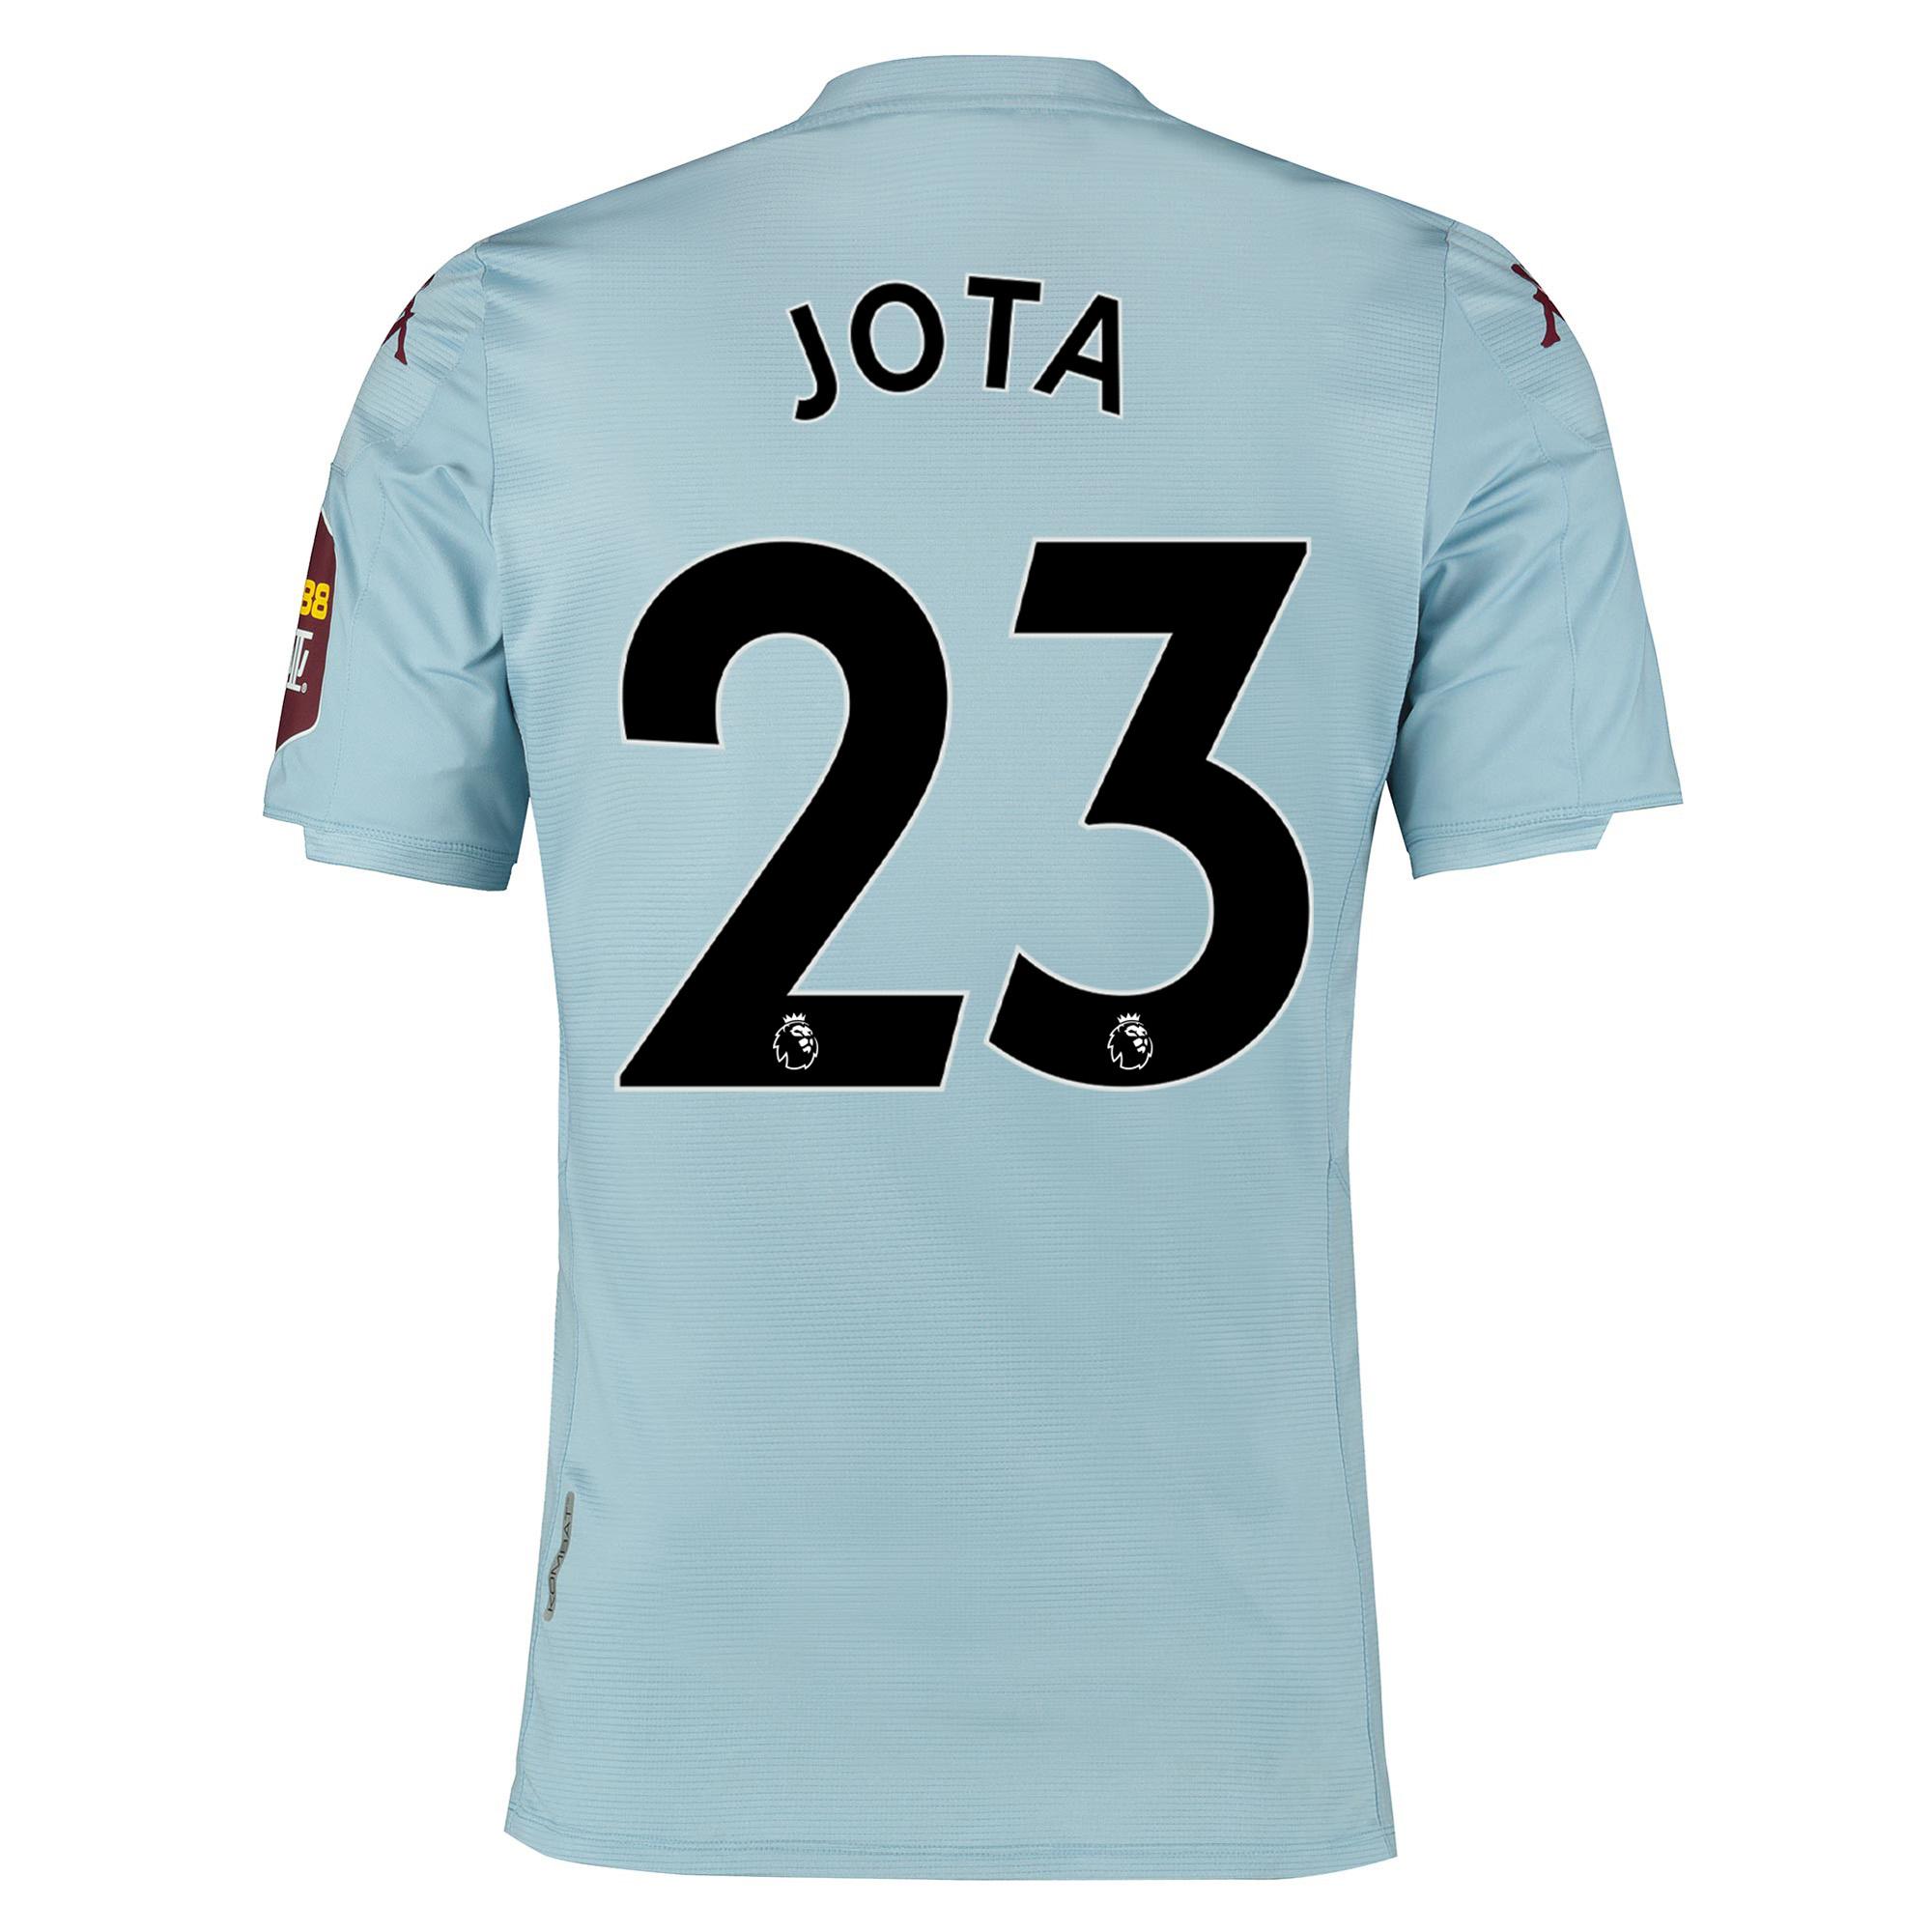 Camiseta de la 2.ª equipación del Aston Villa 2019-20 dorsal Jota 23